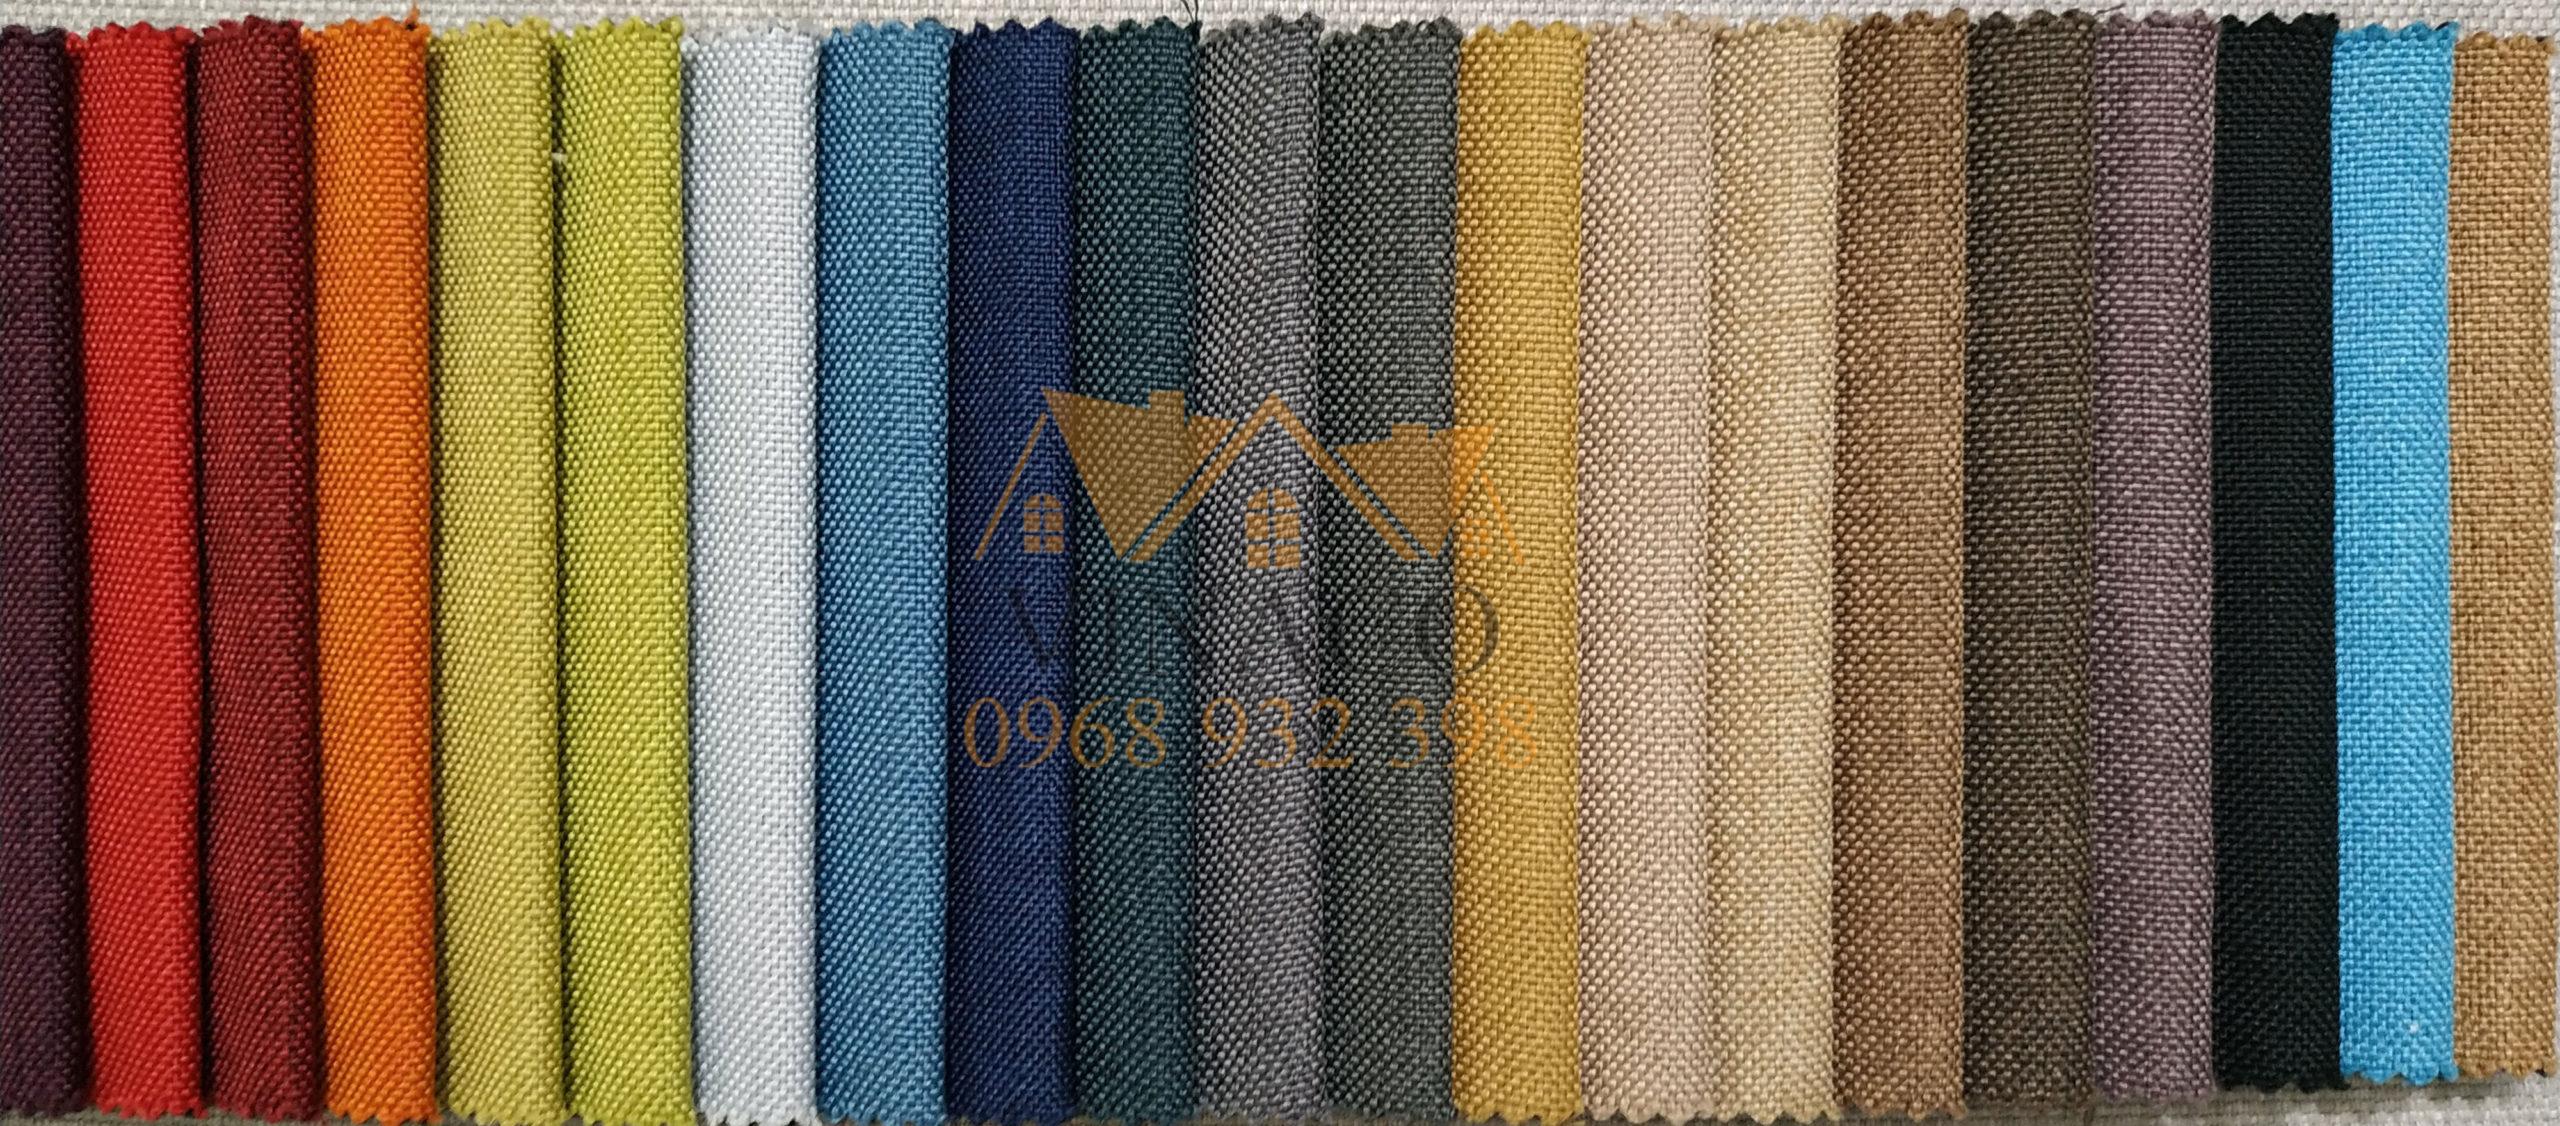 Các màu của mẫu vải thô H21 chuyên làm đệm ghế và bọc ghế sofa